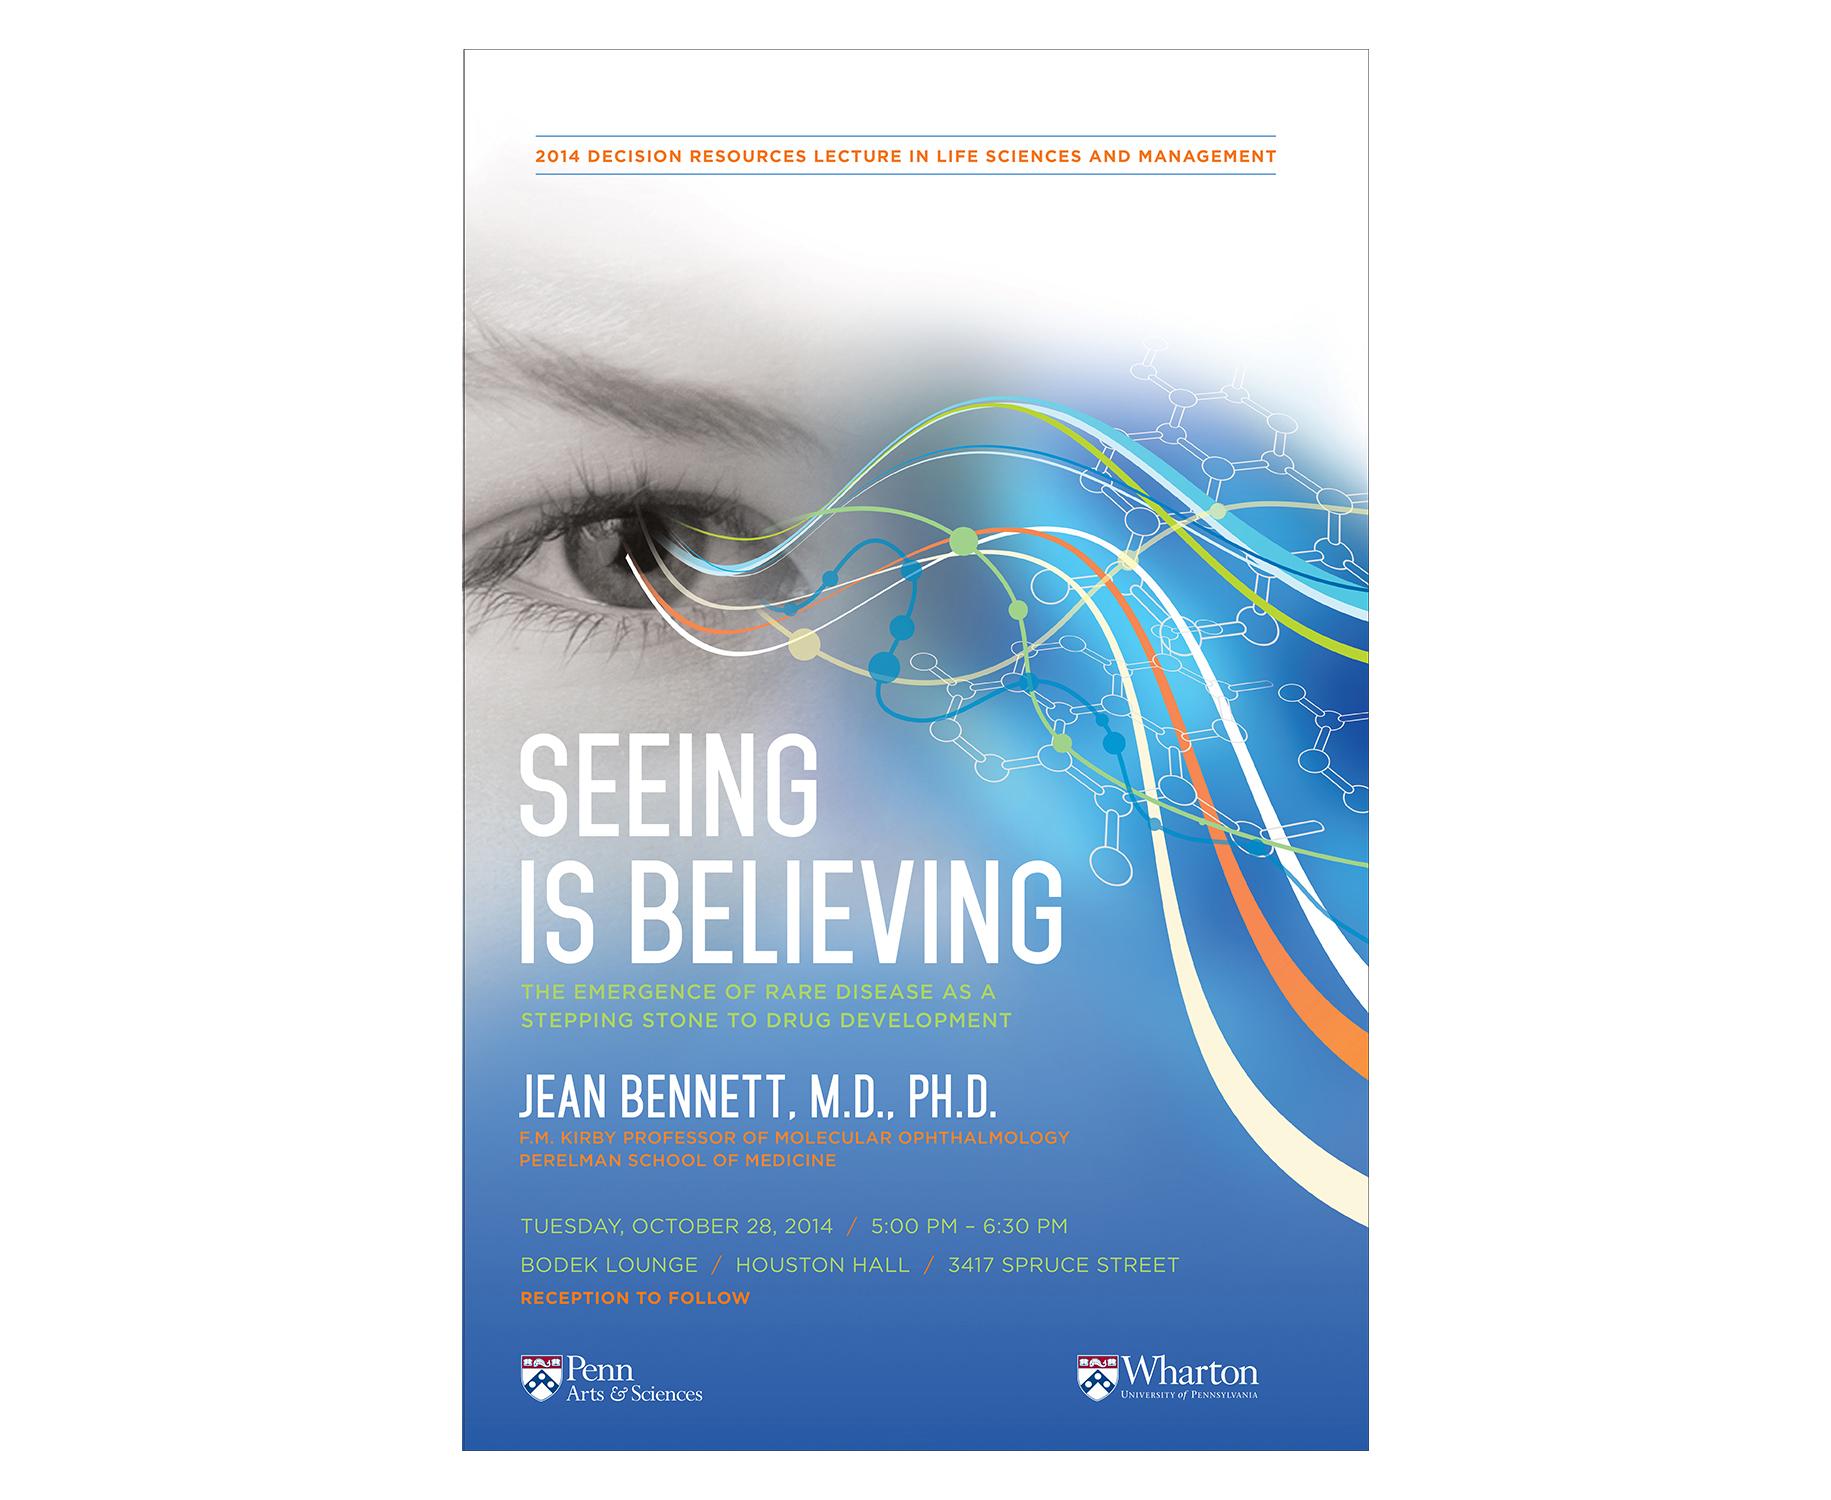 kelsh-wilson-design-penn-life-sciences-management-event-promo-poster-2014.jpg